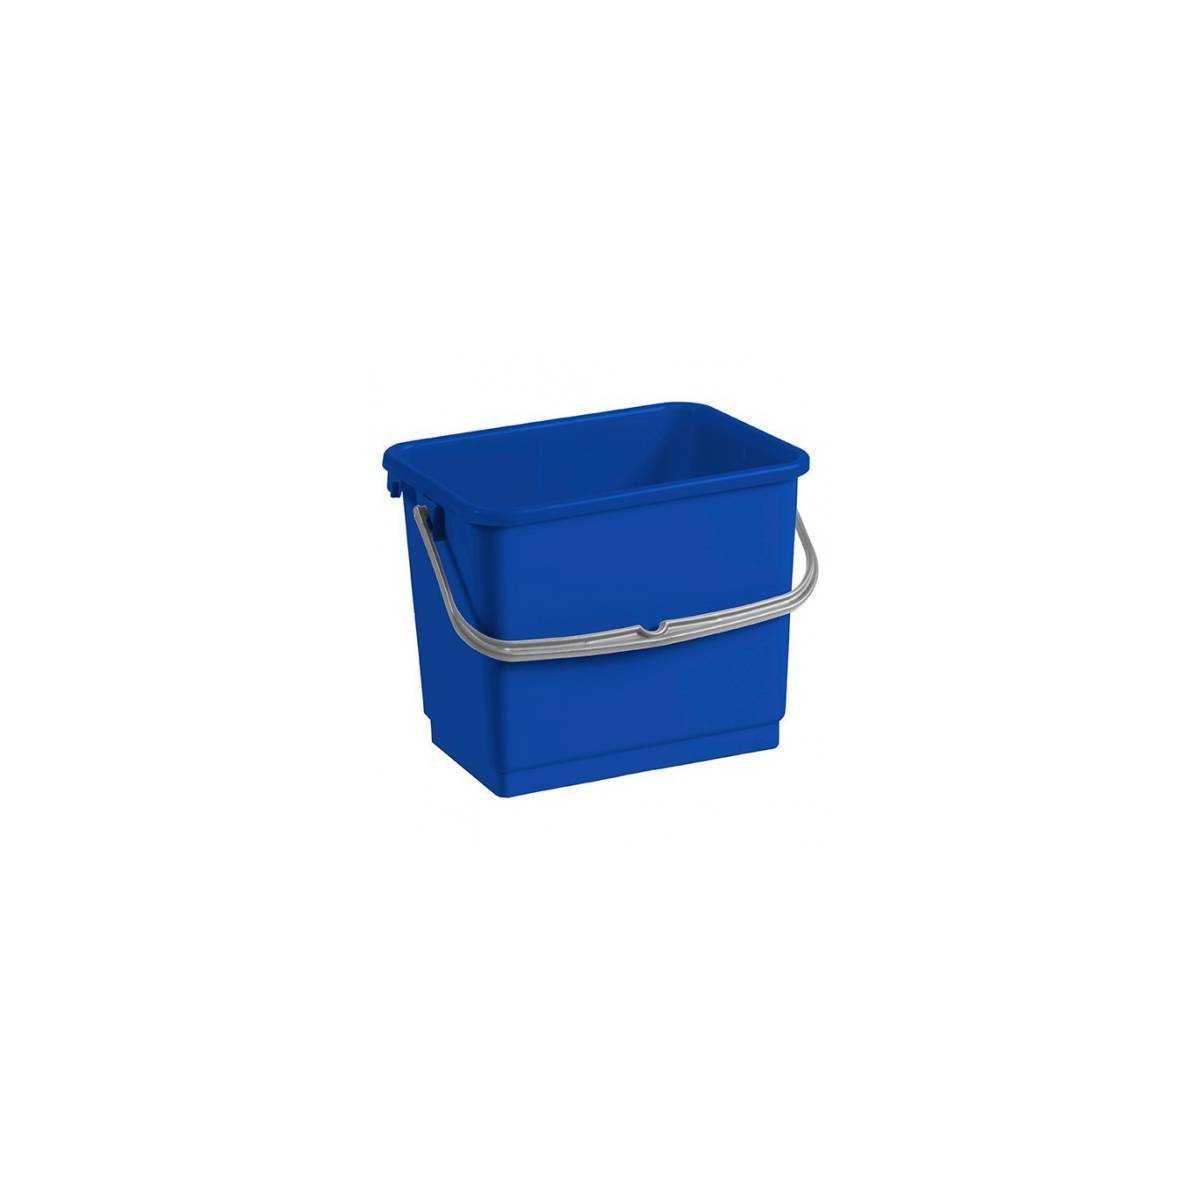 Ведро для уборки с ручкой 4л (Синего цвета) 00003362 TTS